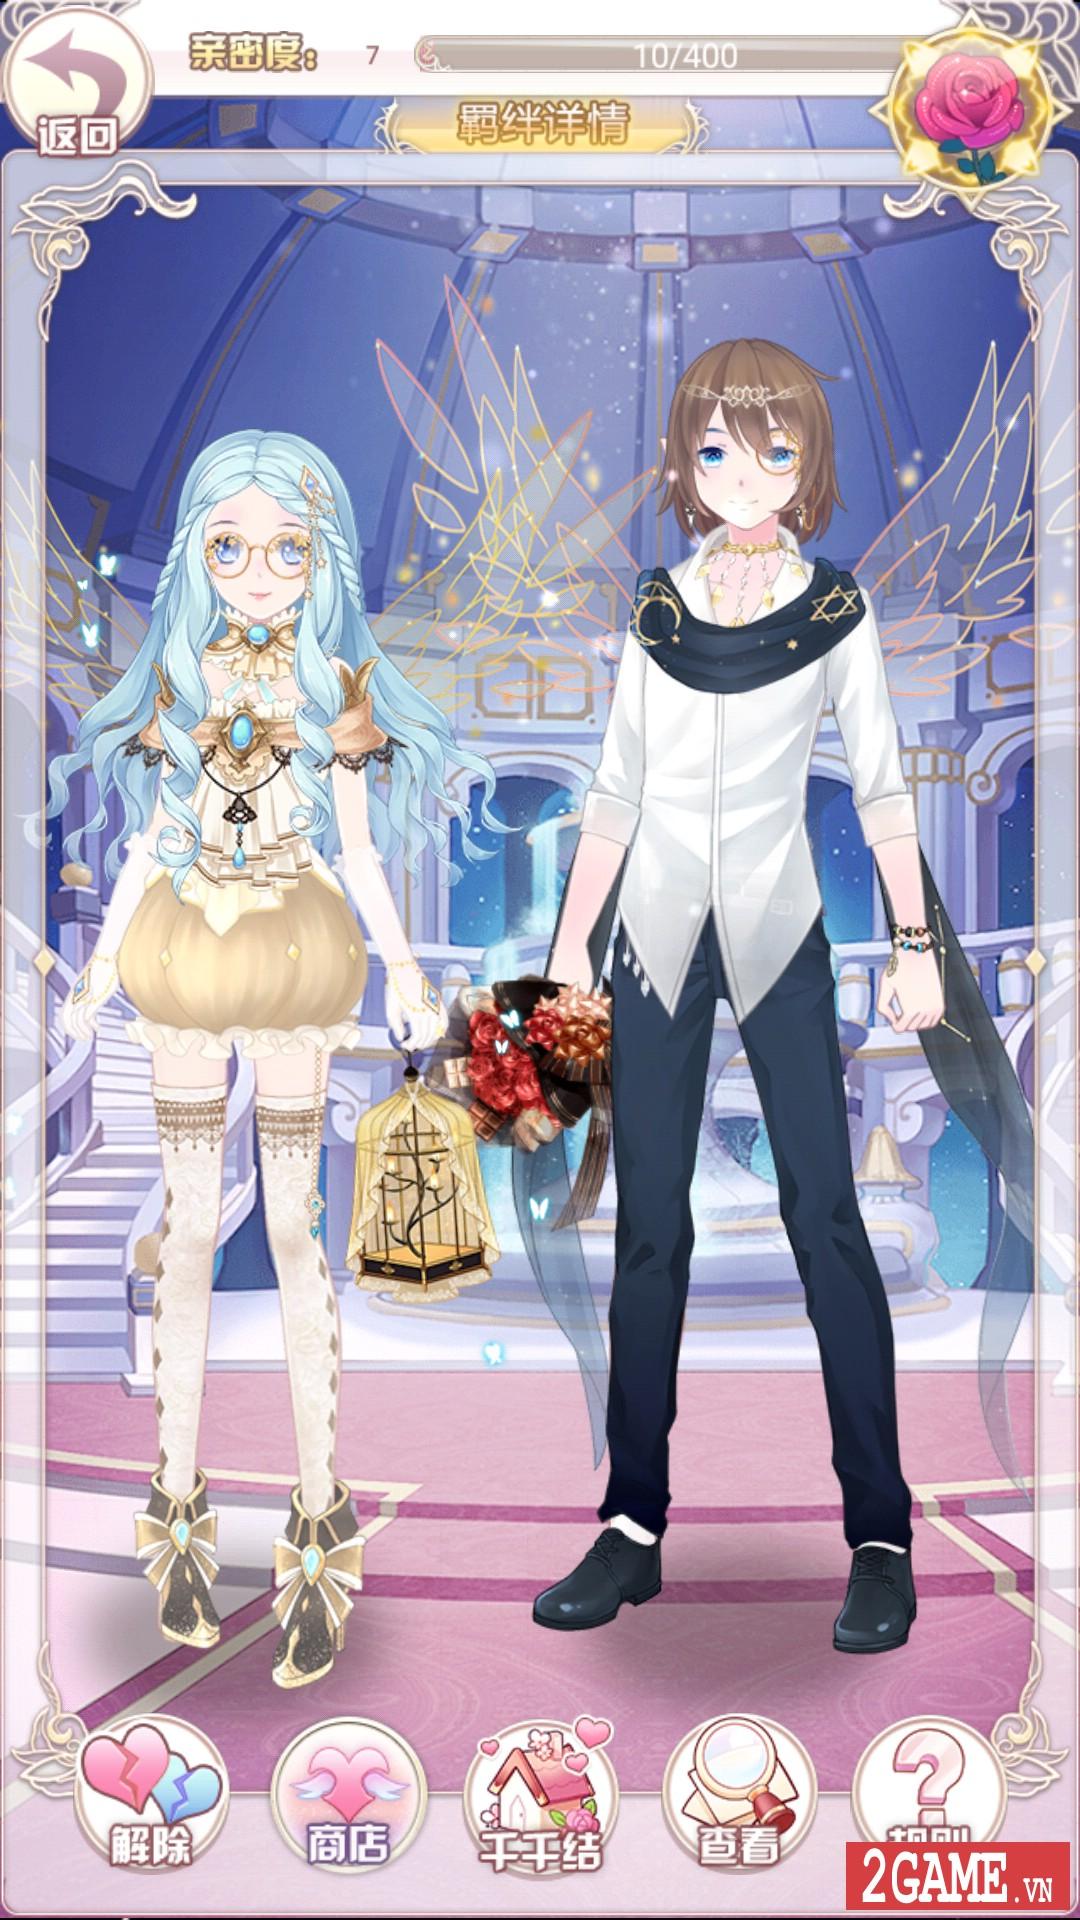 Idol Thời Trang - Game thời trang tương tác kết nối độc nhất sắp được VTC Game phát hành 6